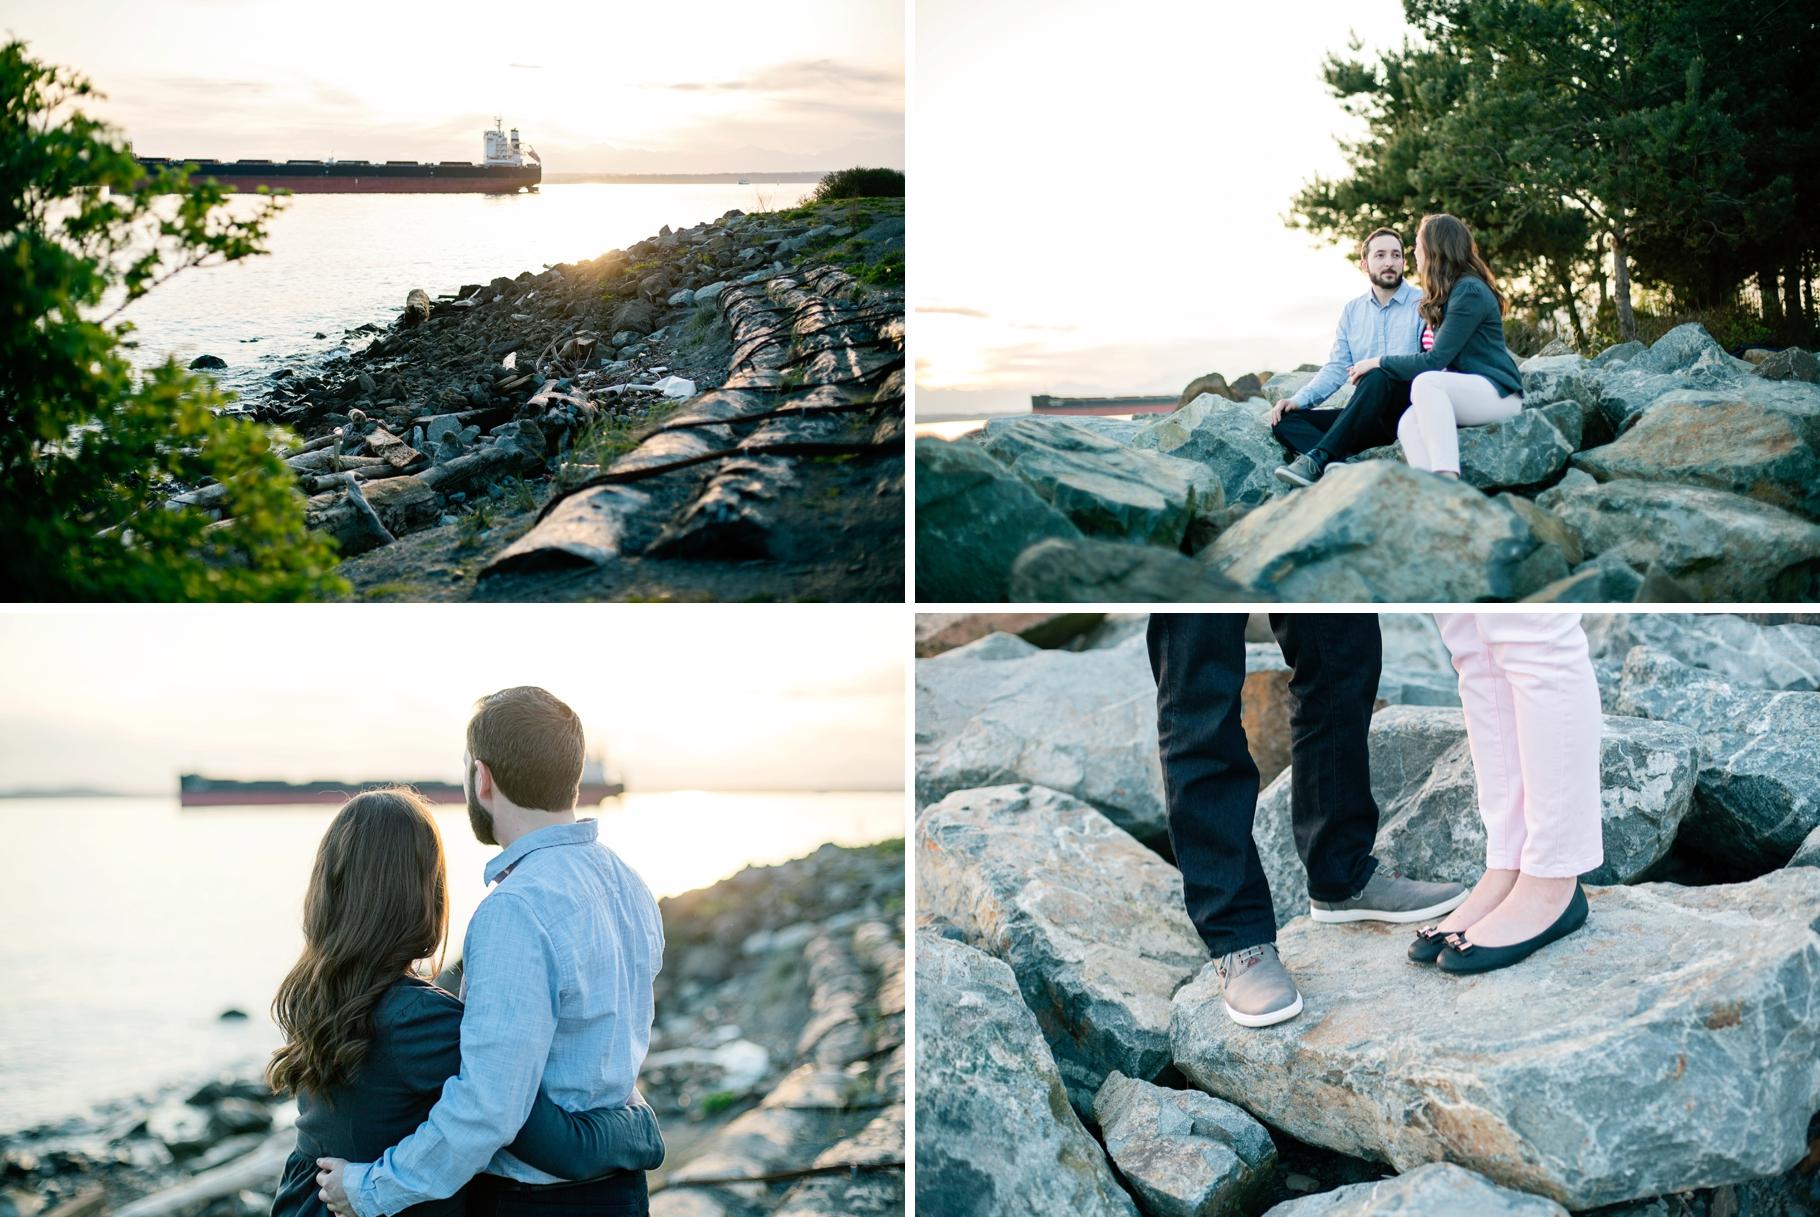 12-Melinda-Tom-Pacfic-Northwest-Engaged-Seattle-Waterfront-Myrtle-Edwards-Park-Romantic-Ocean-Sunset-Driftwood-Beach-Enagement-Photographer-Wedding-Photography-by-Betty-Elaine